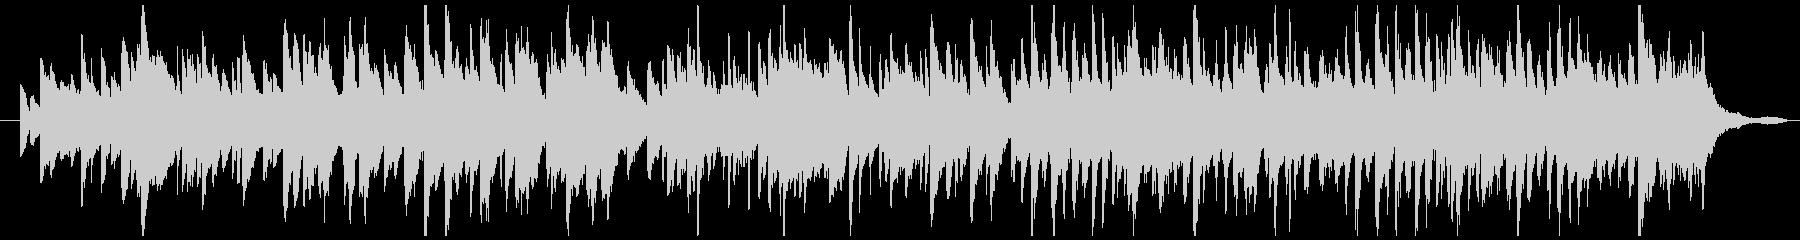 切ないピアノの旋律が印象的なバラード曲。の未再生の波形